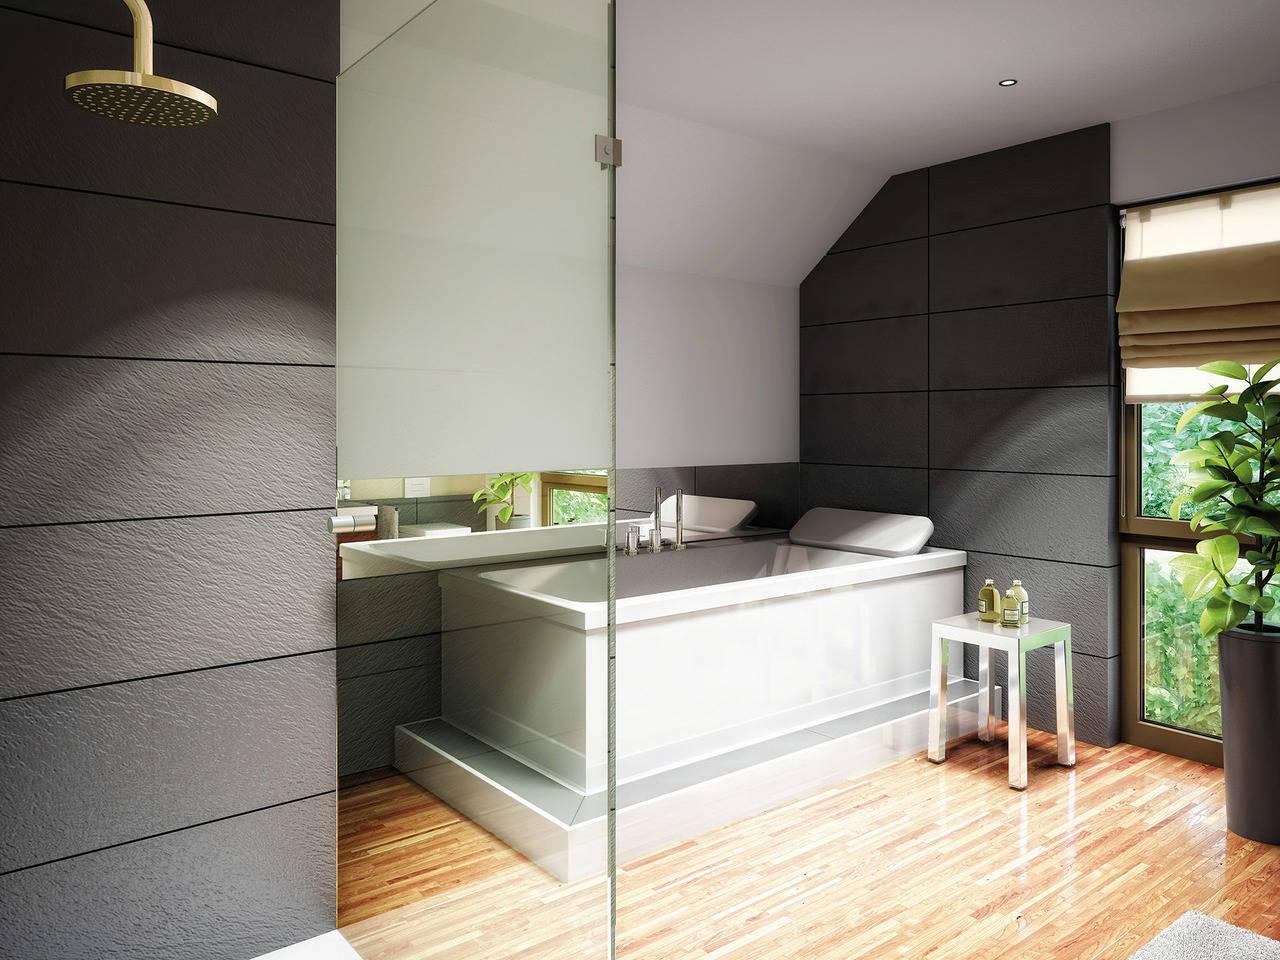 Haus SOLUTION 151 V4 Badezimmer von Living Haus